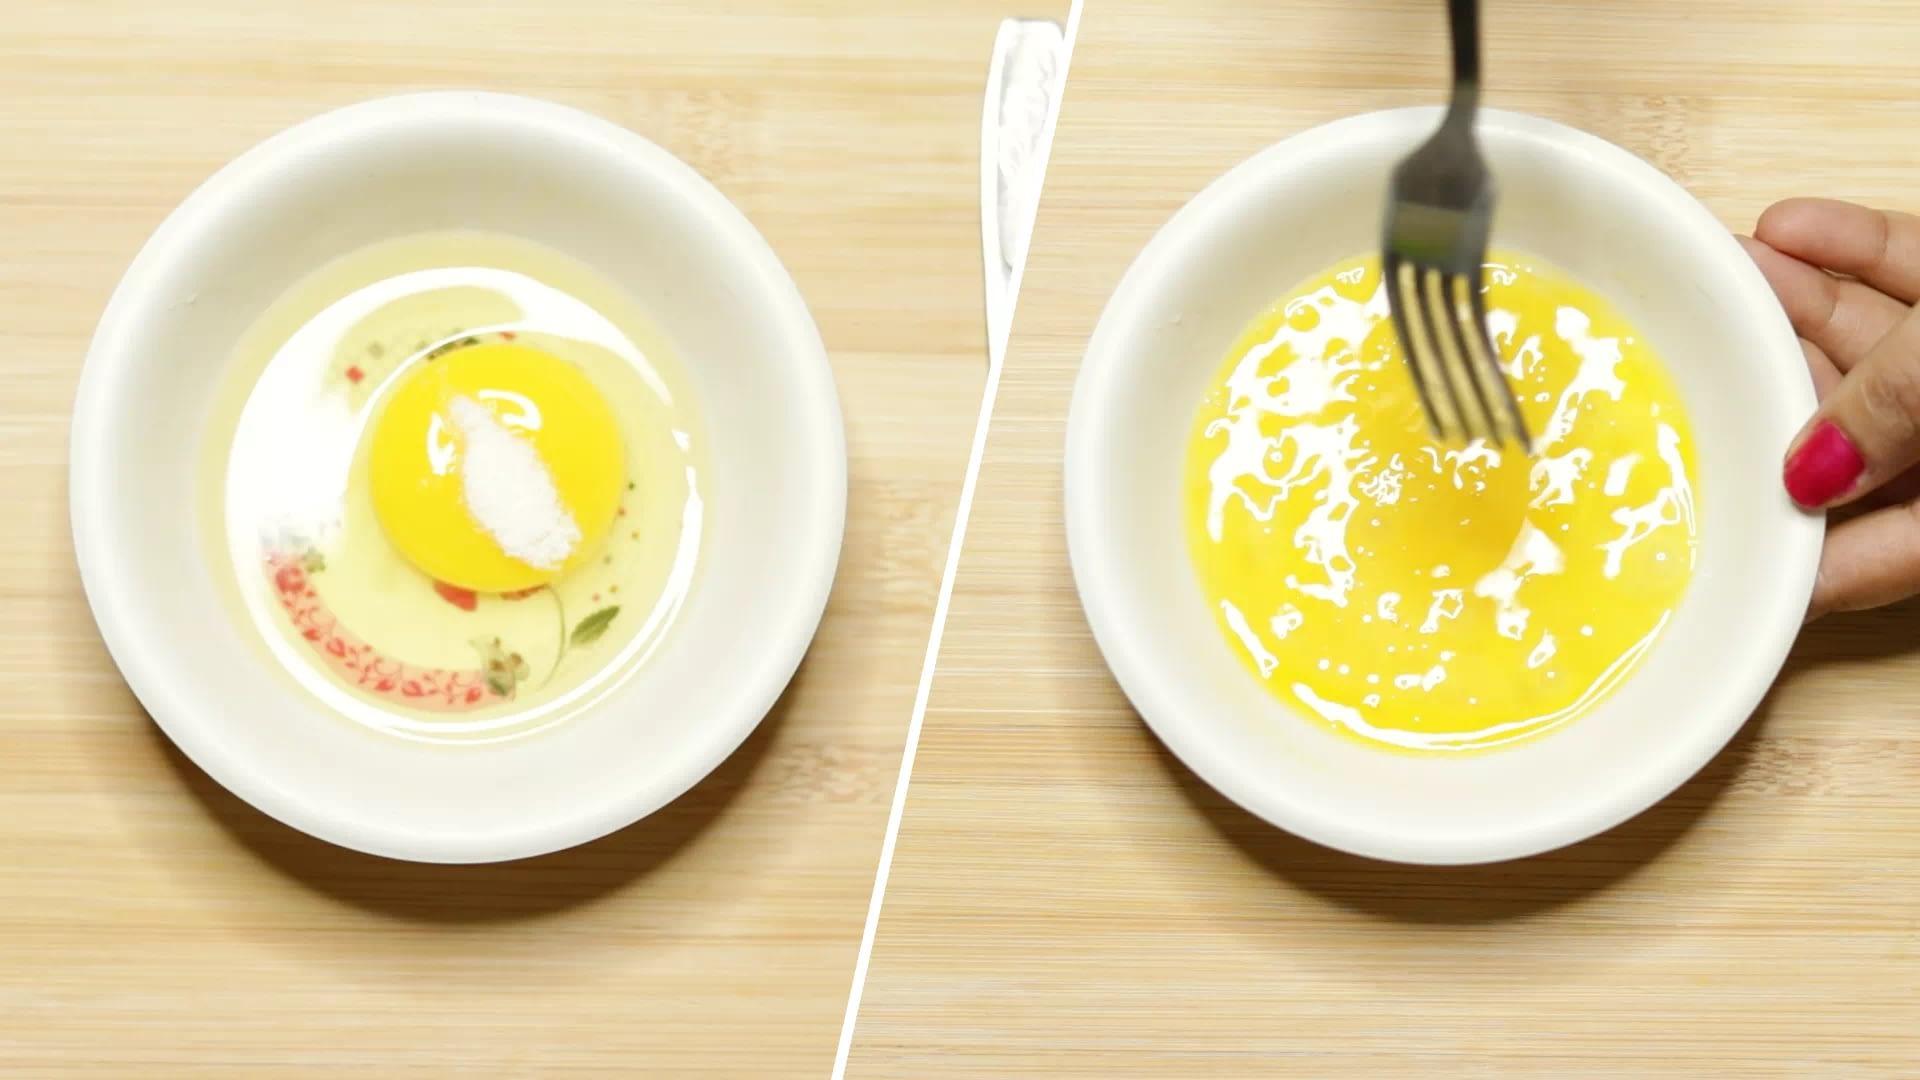 Make egg Batter